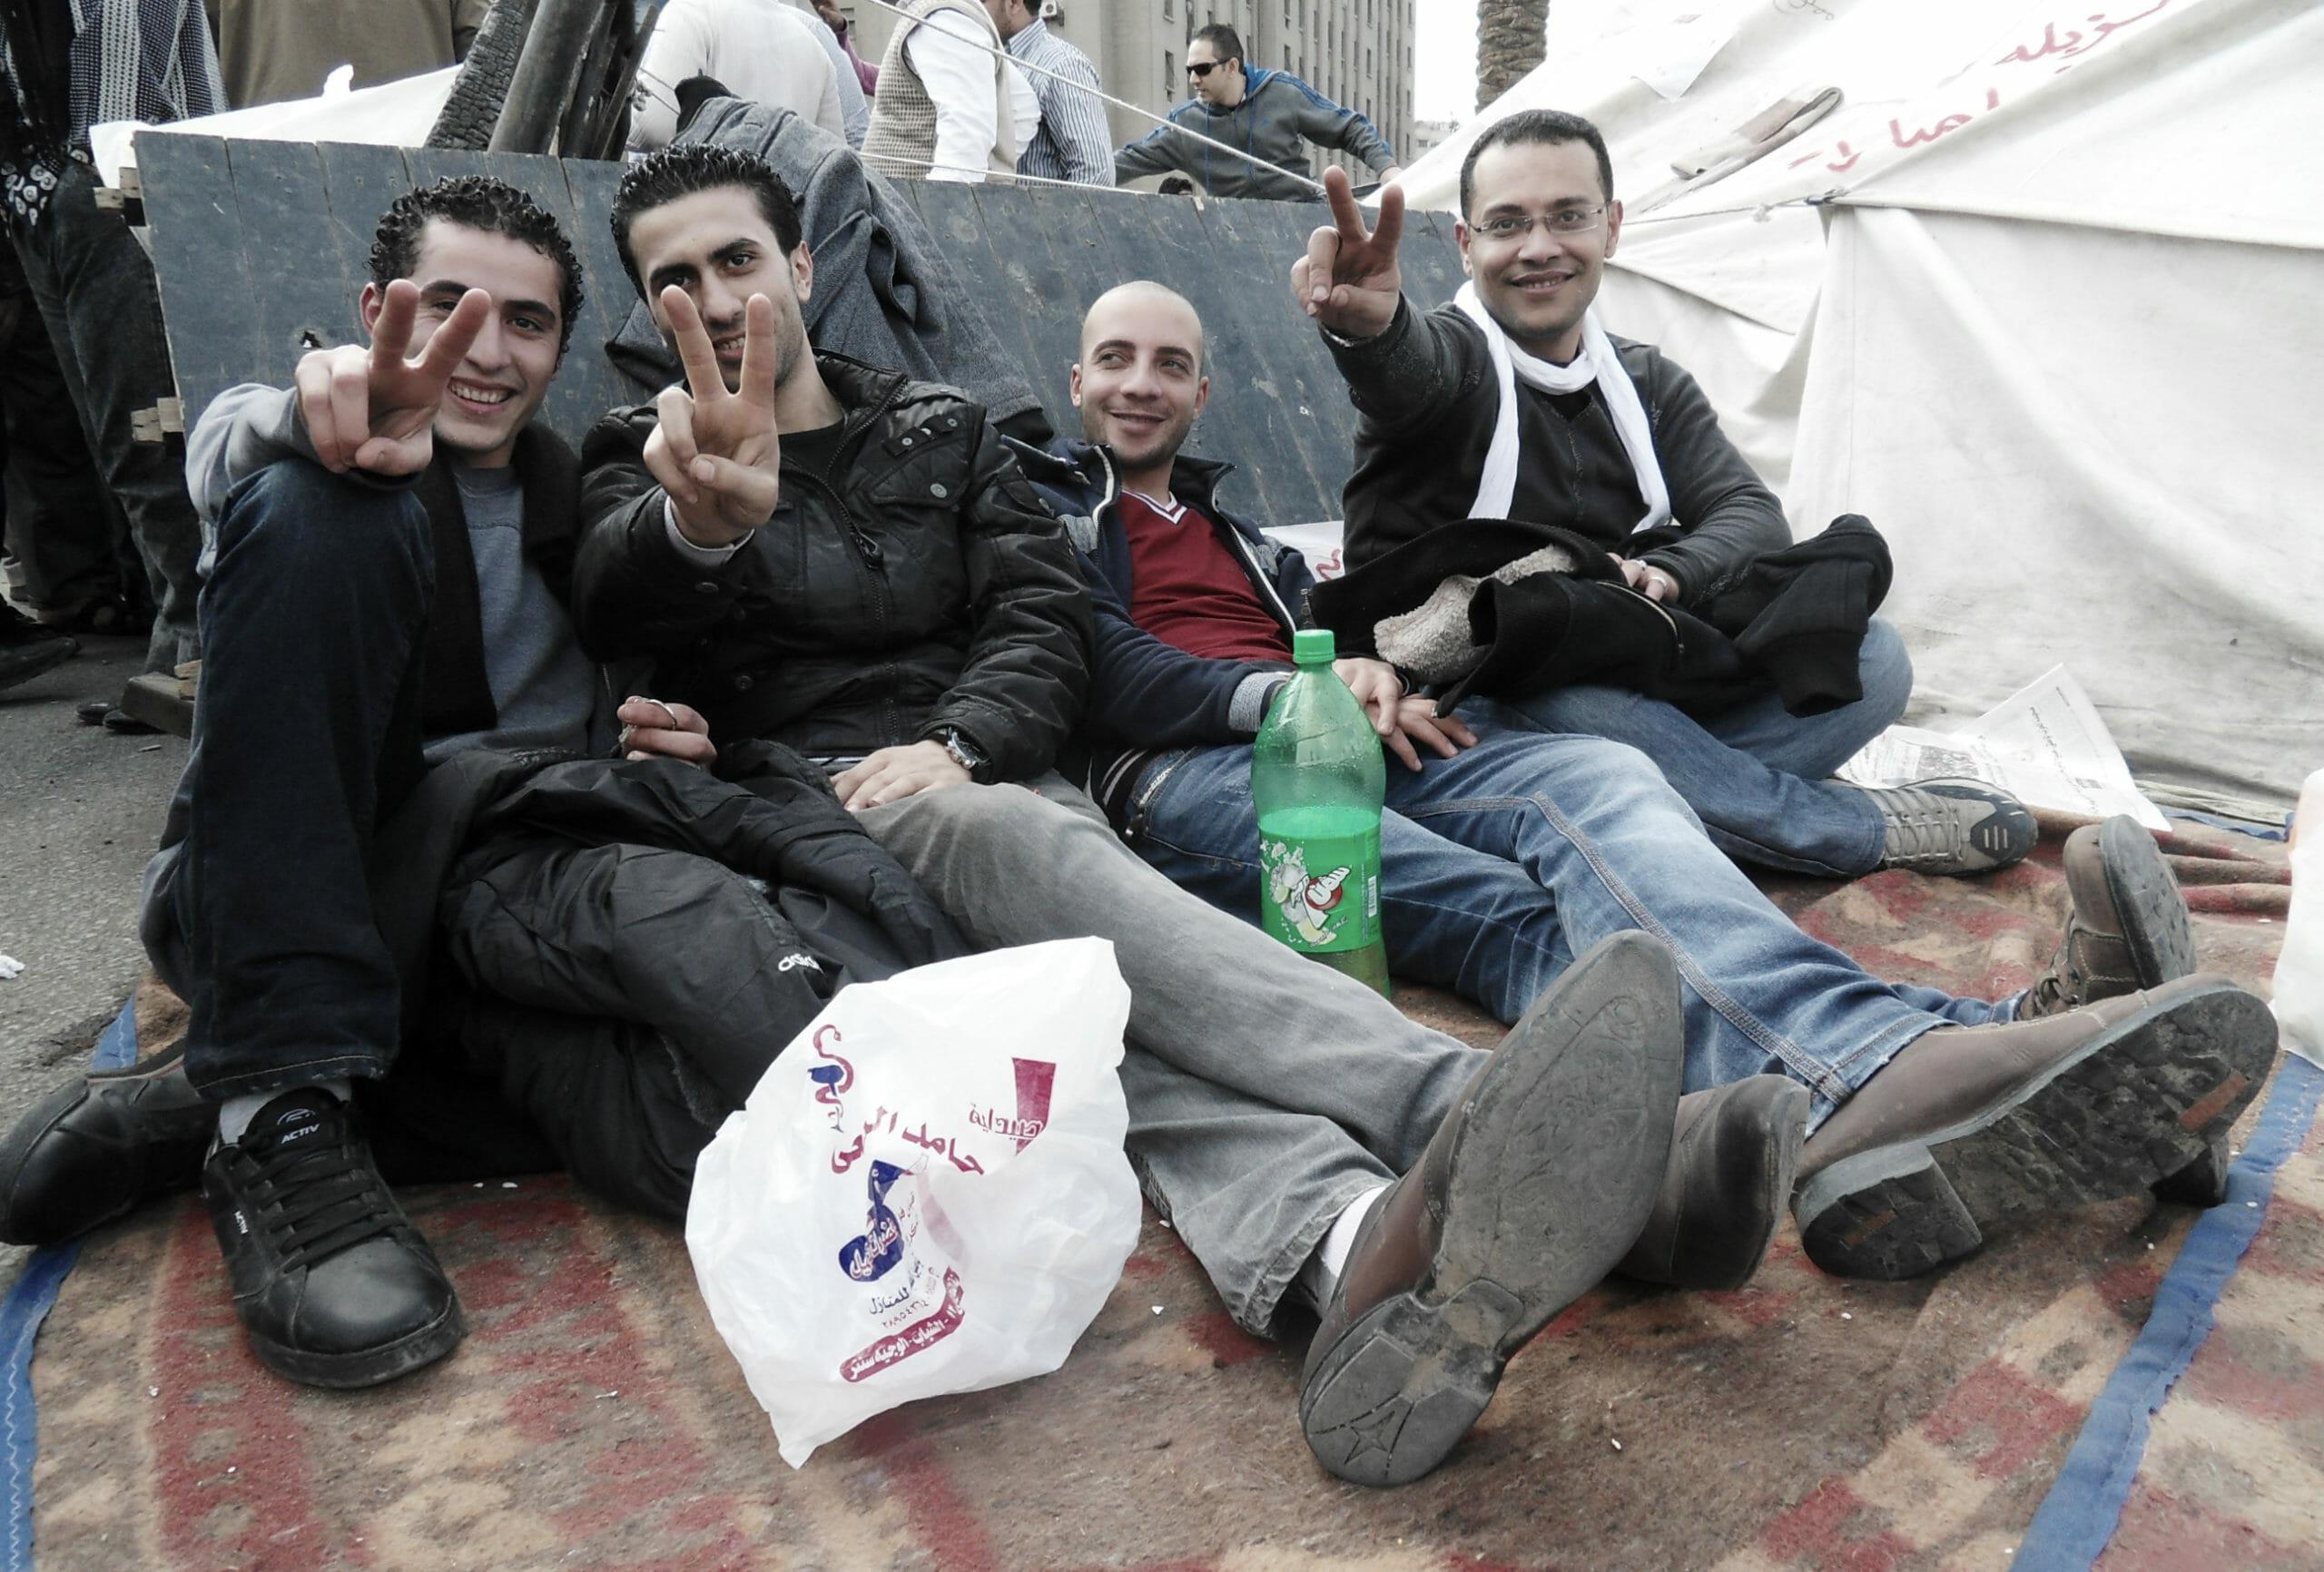 FAKTA: Sådan endte Det Arabiske Forår